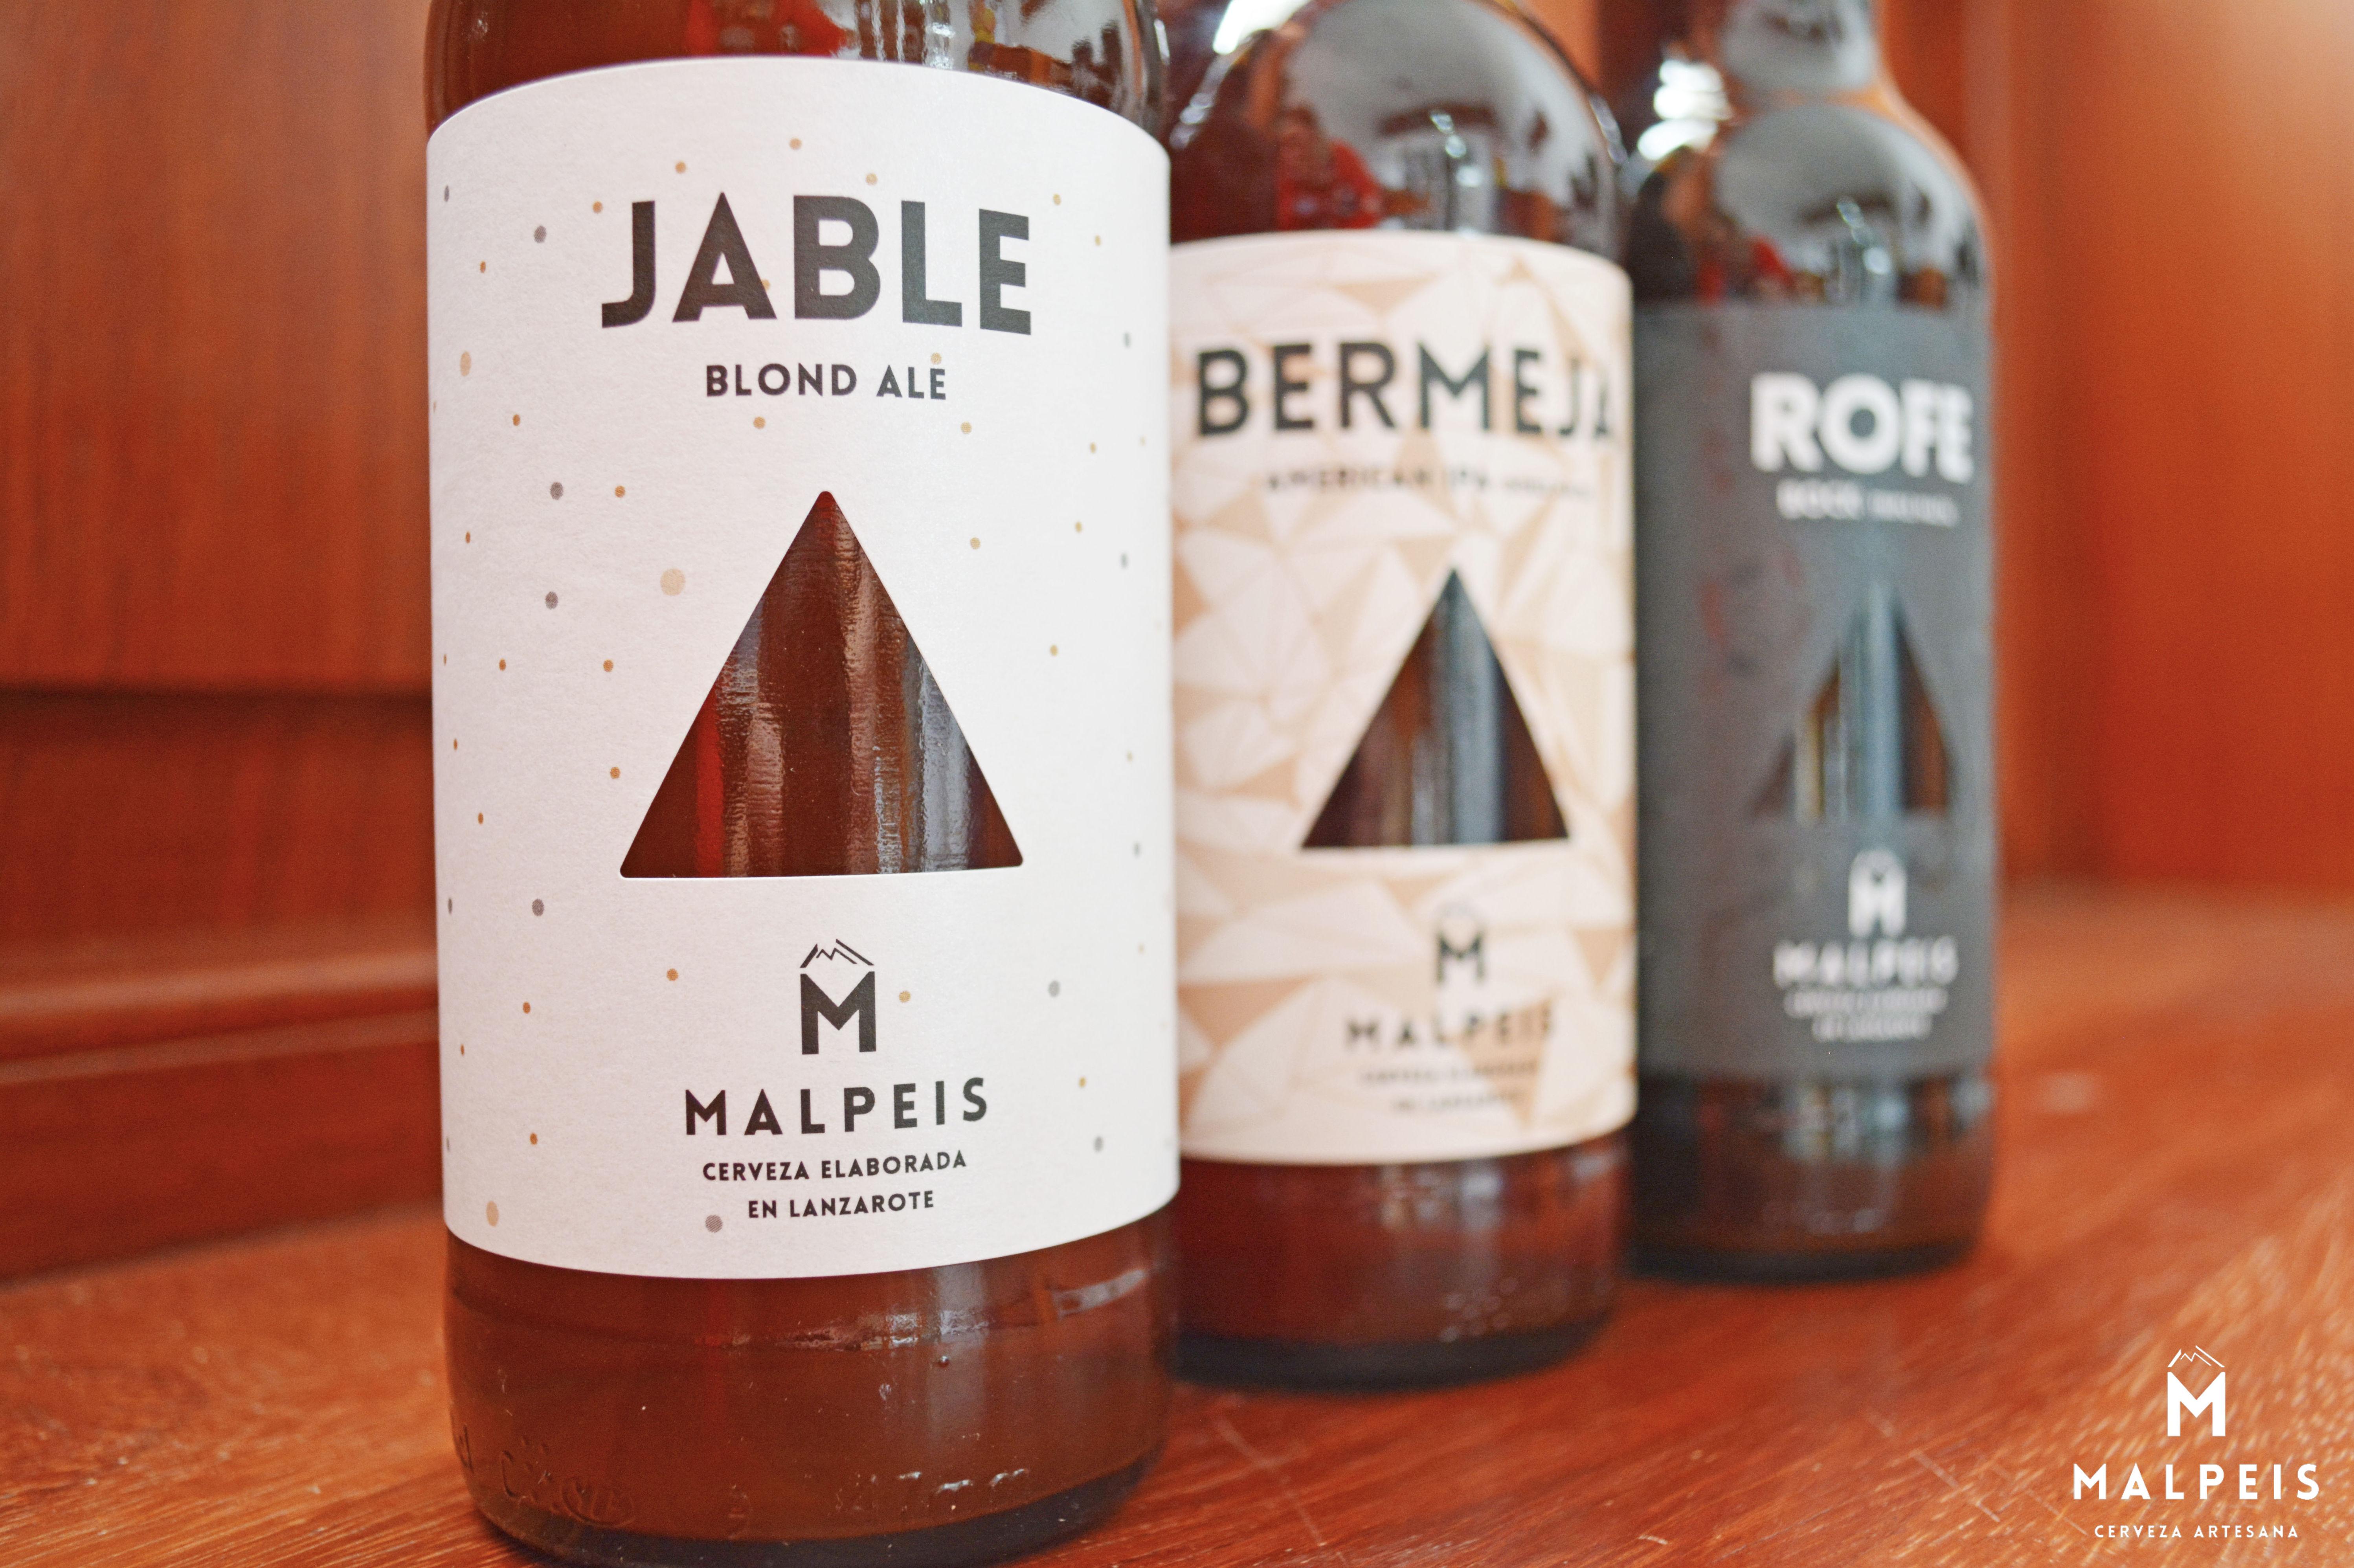 Cervezas artesanas elaboradas en Lanzarote